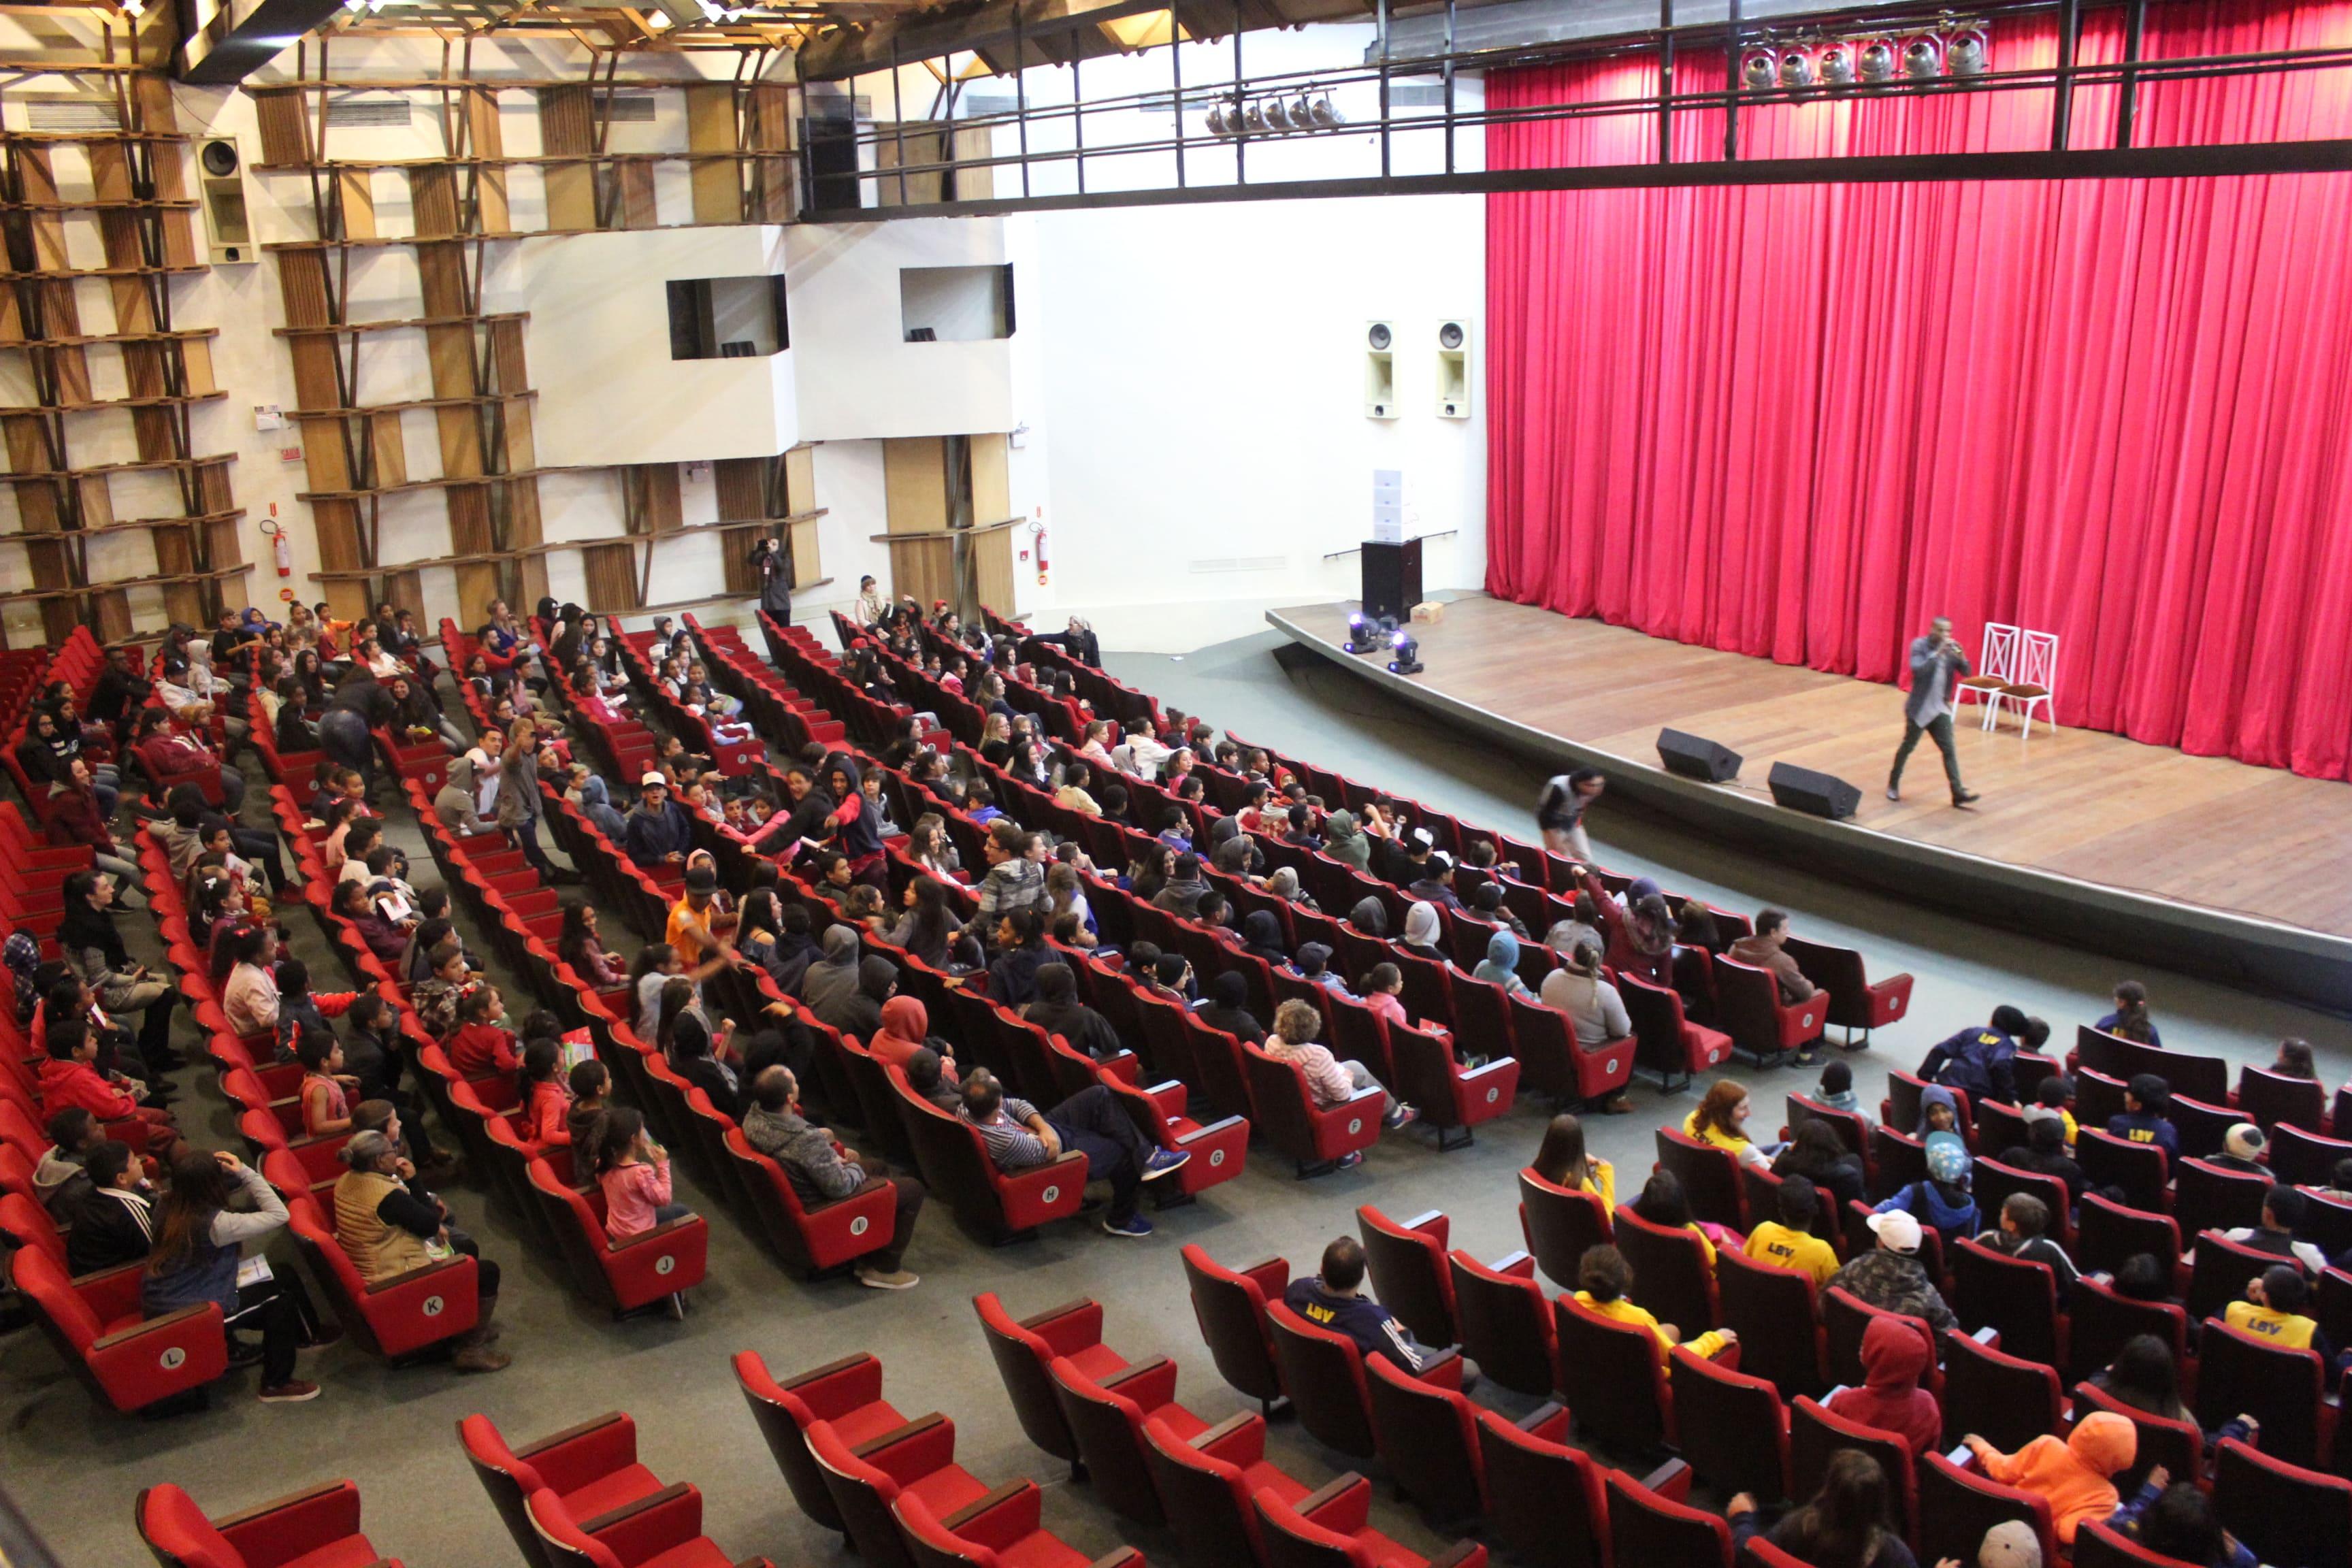 Prefeitura Municipal de Criciúma - Peça teatral promovida pelo Creas leva mais de mil crianças ao Teatro Elias Angeloni